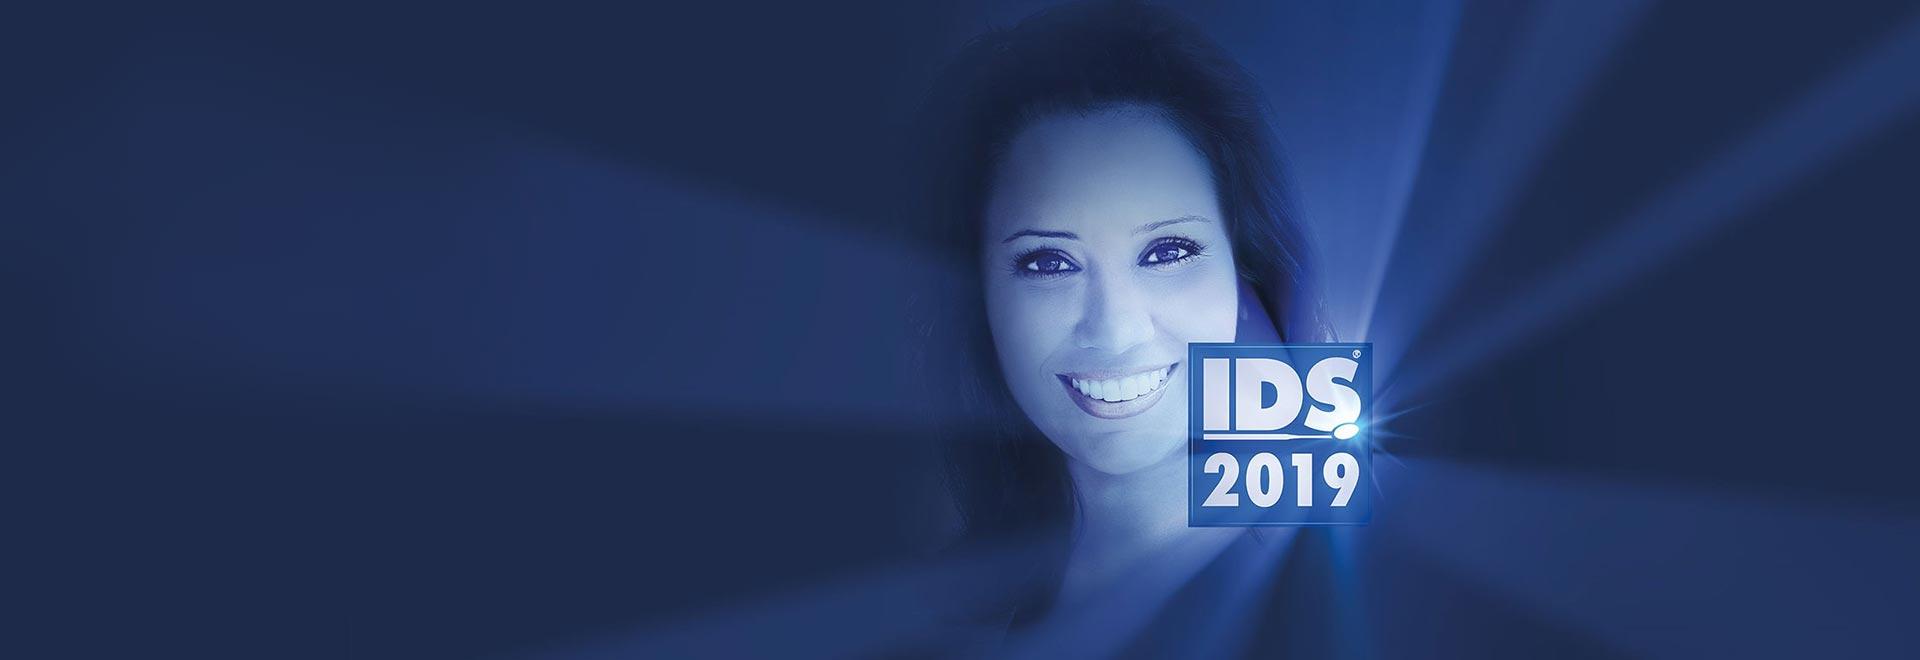 IDS-2019